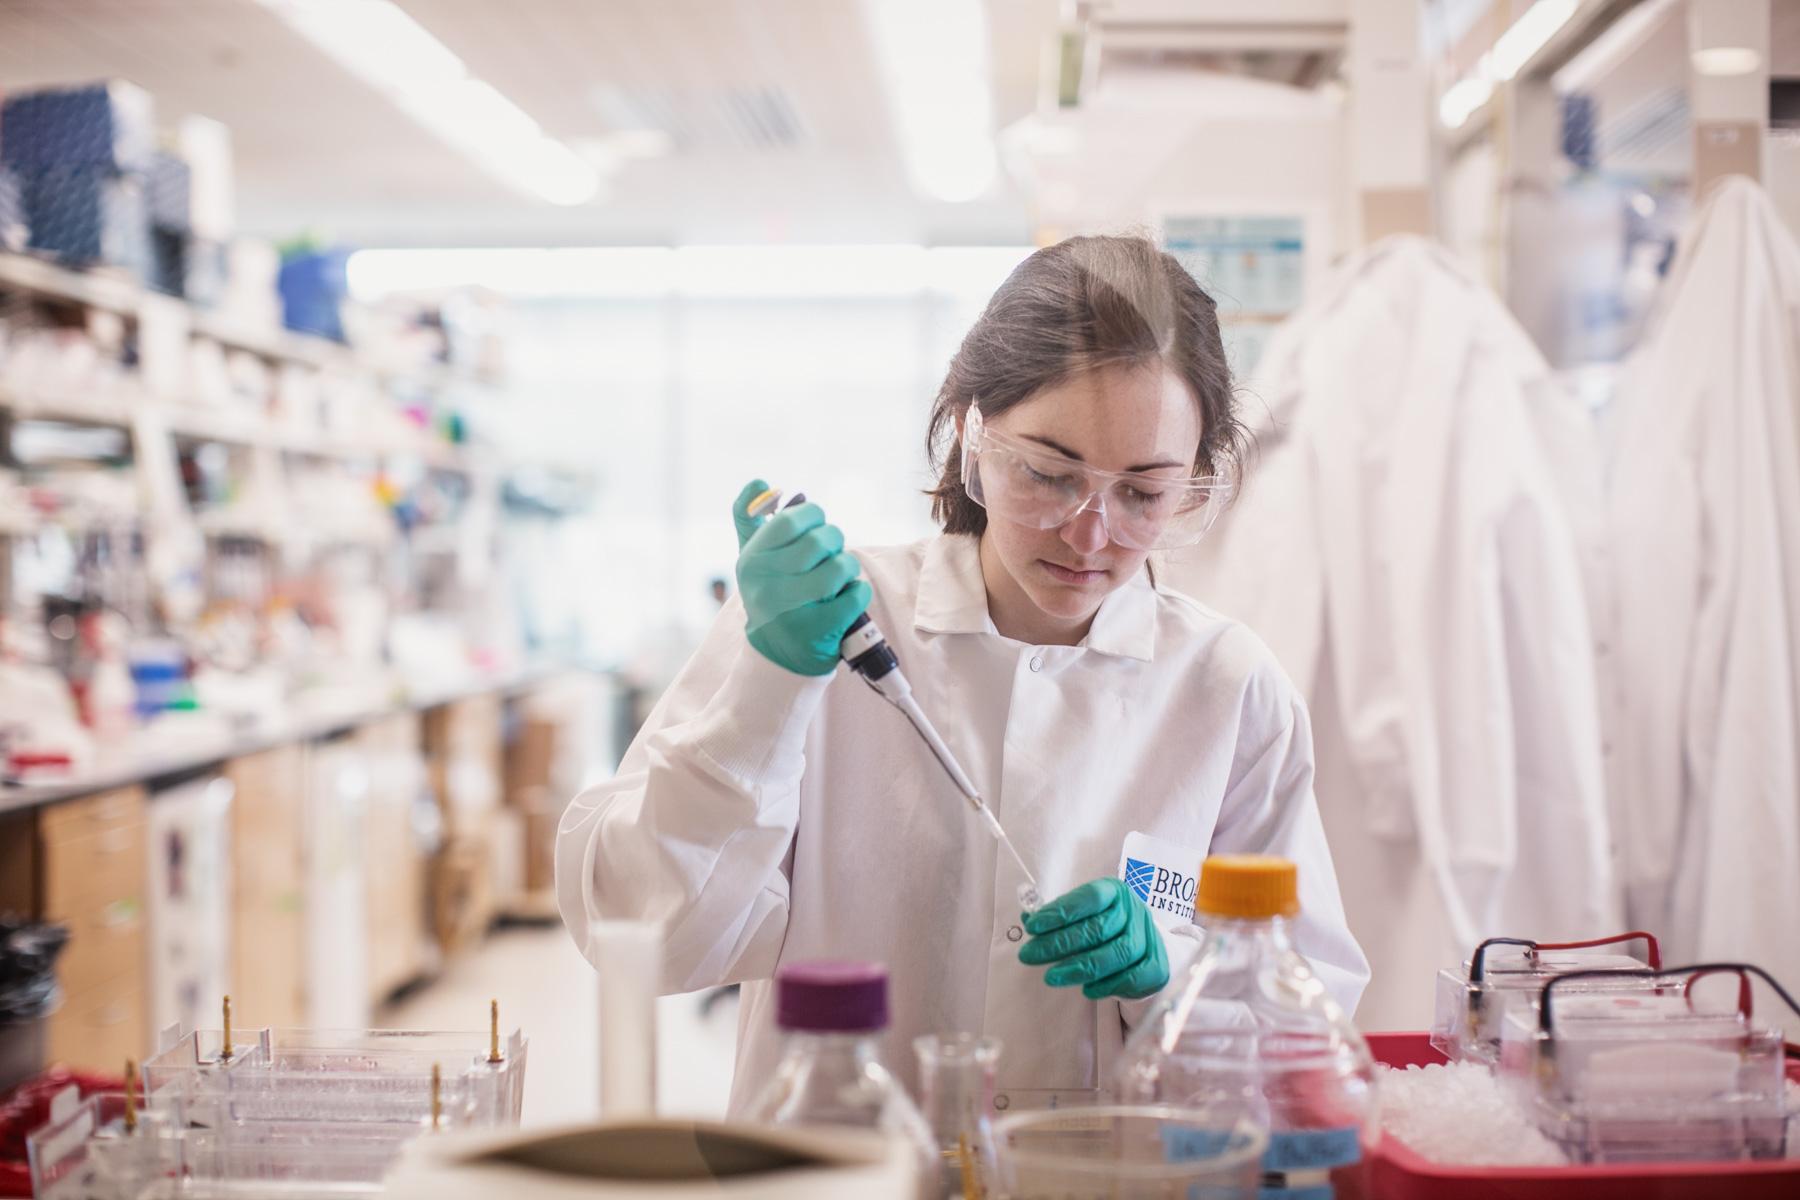 broad-institute-lab-science